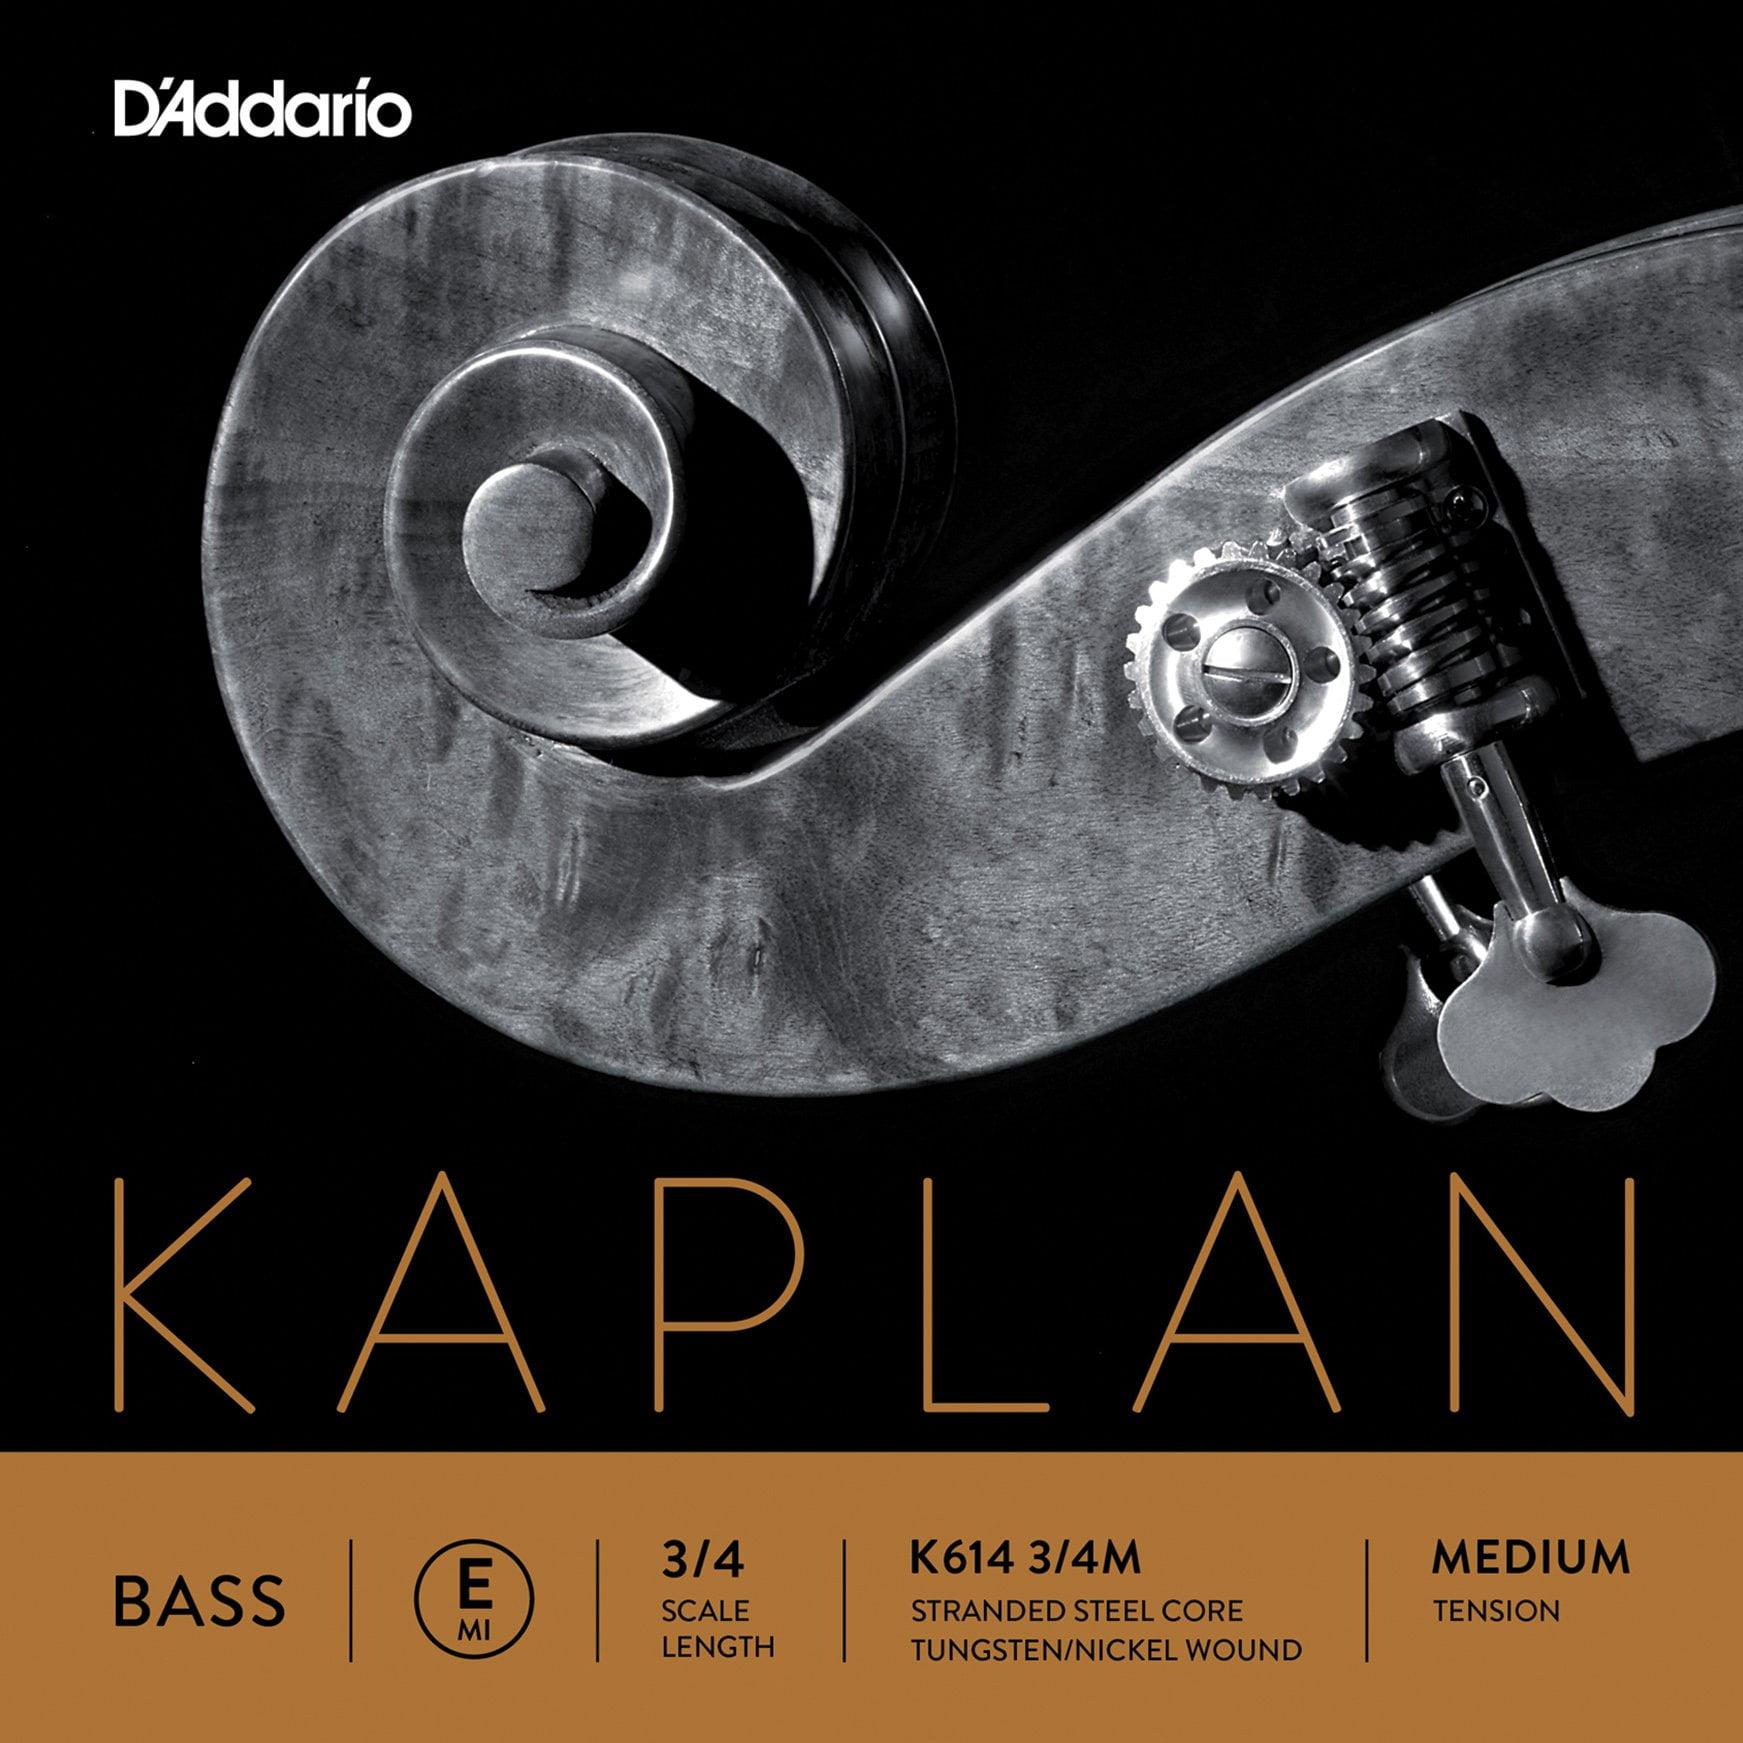 Kaplan Double Bass E String 3/4 Medium